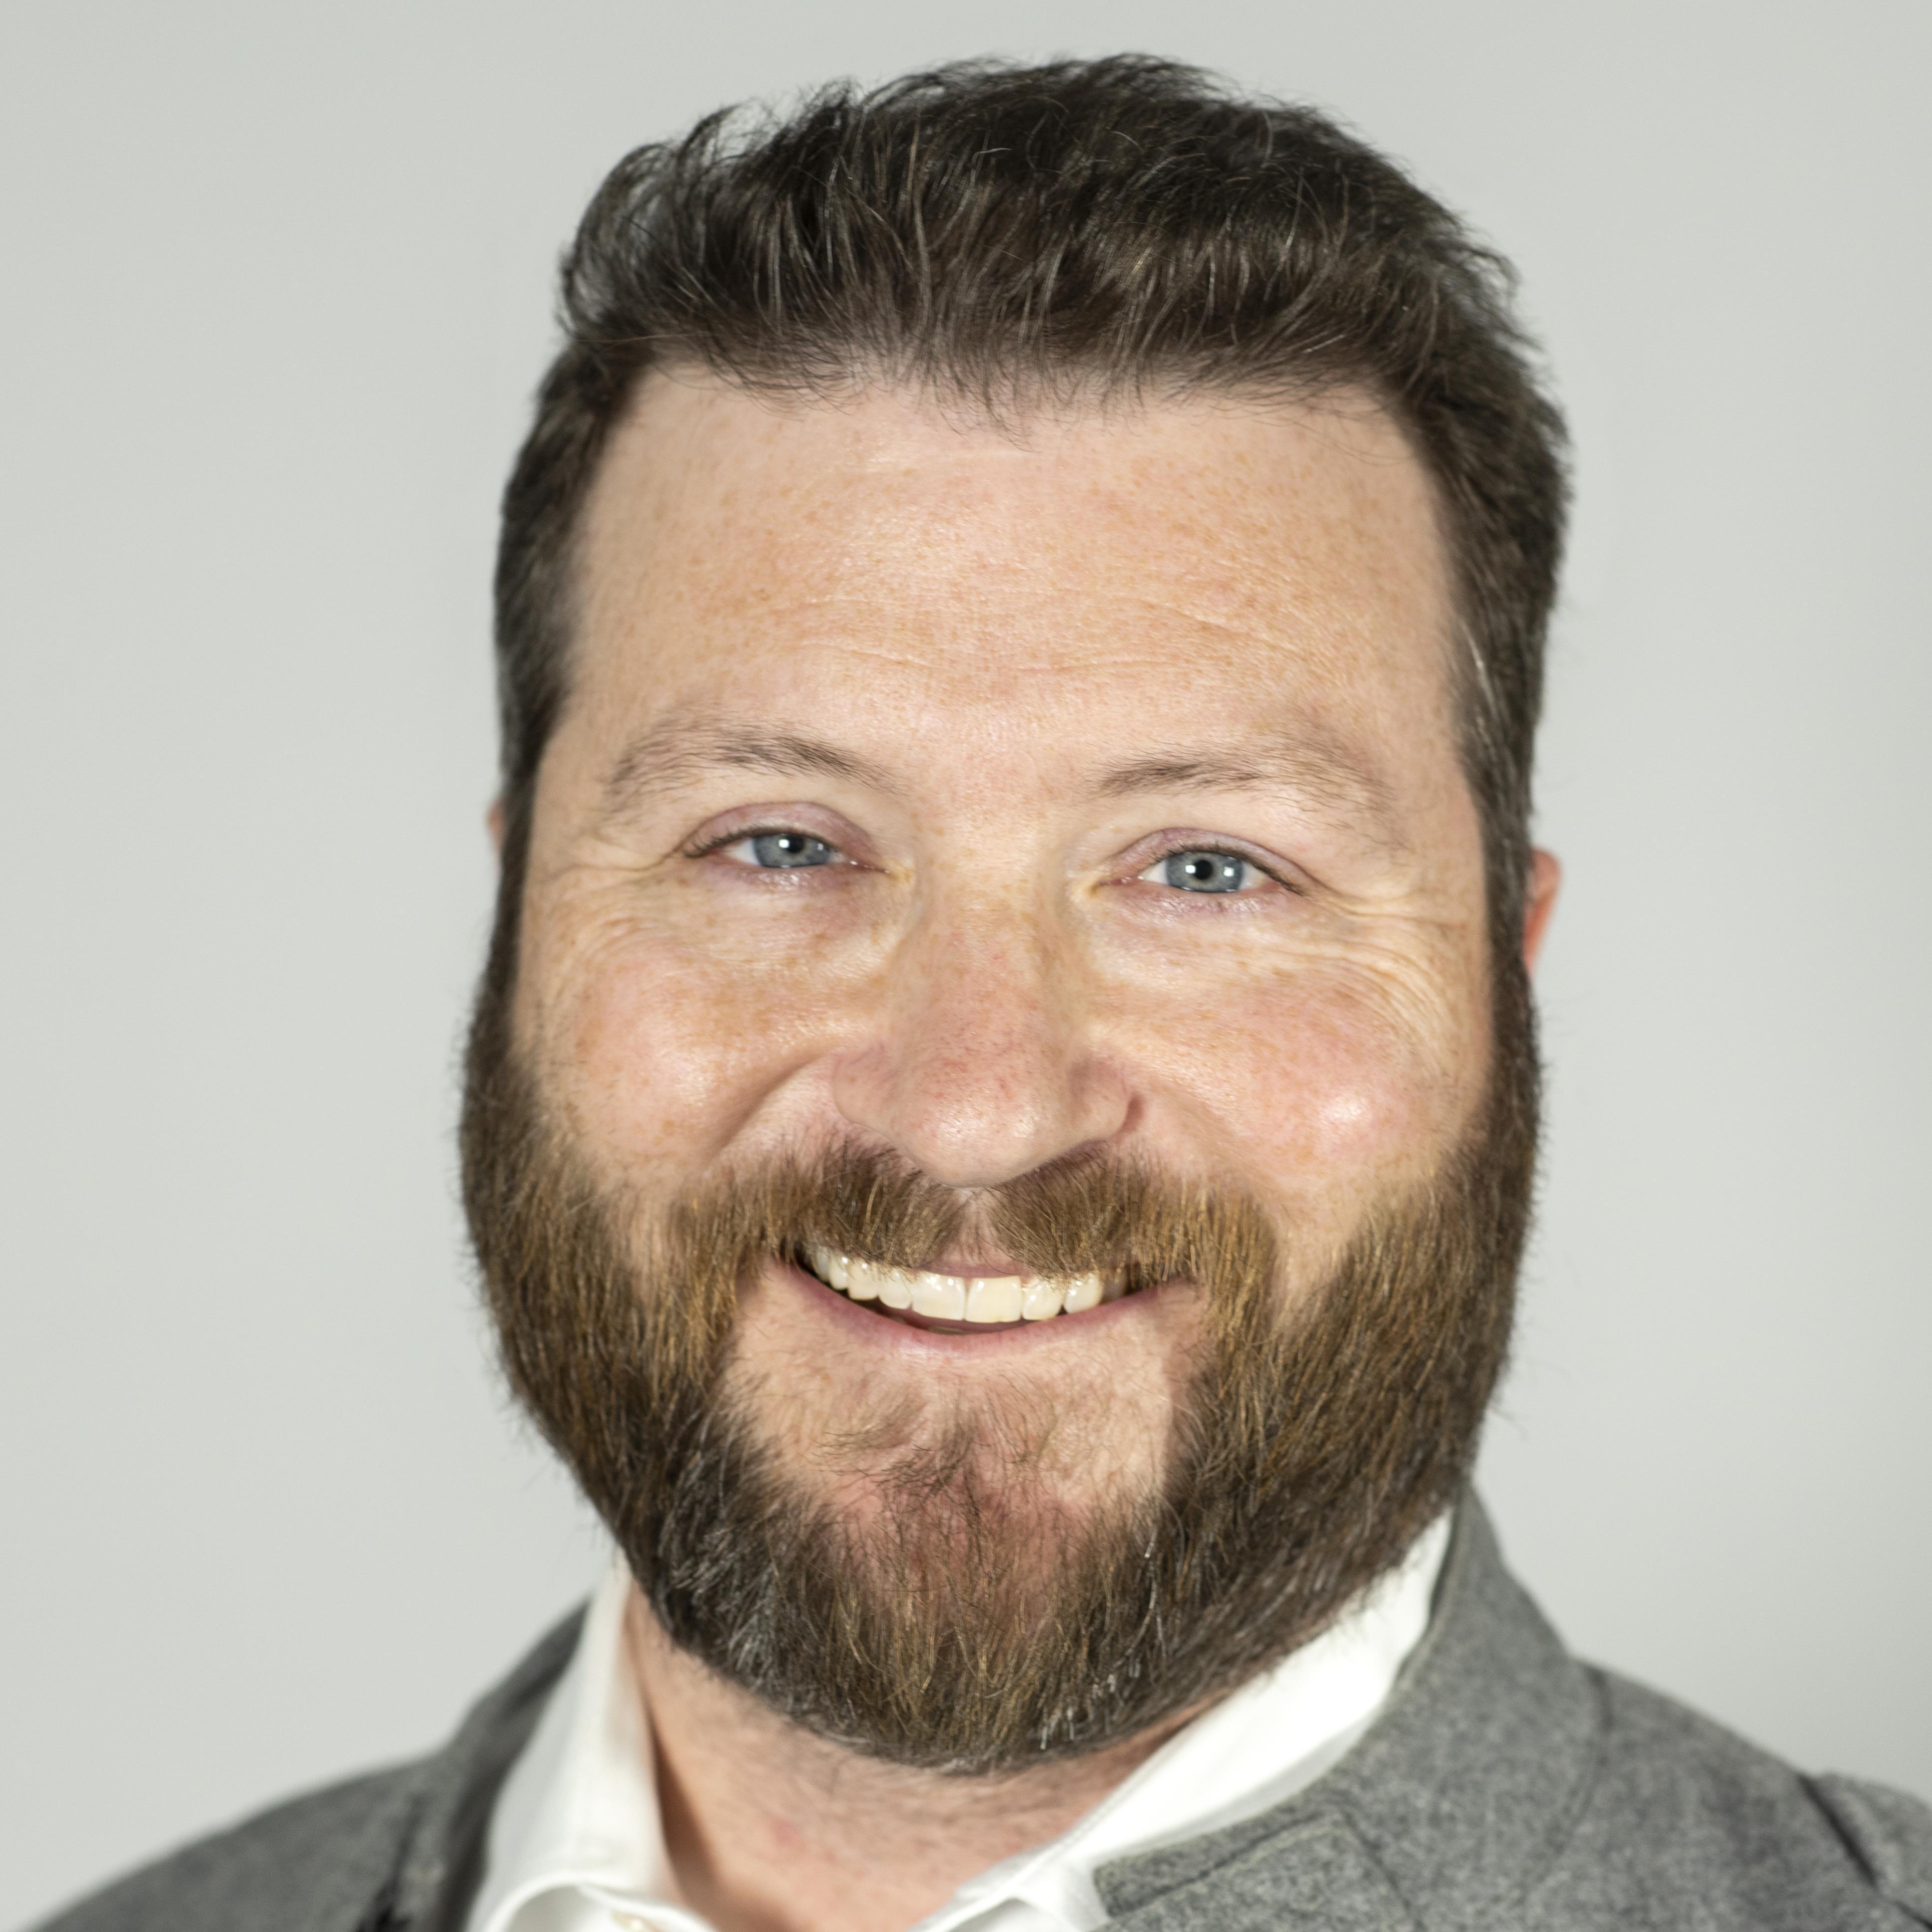 ScottFriesen_Headshot 2019.jpg